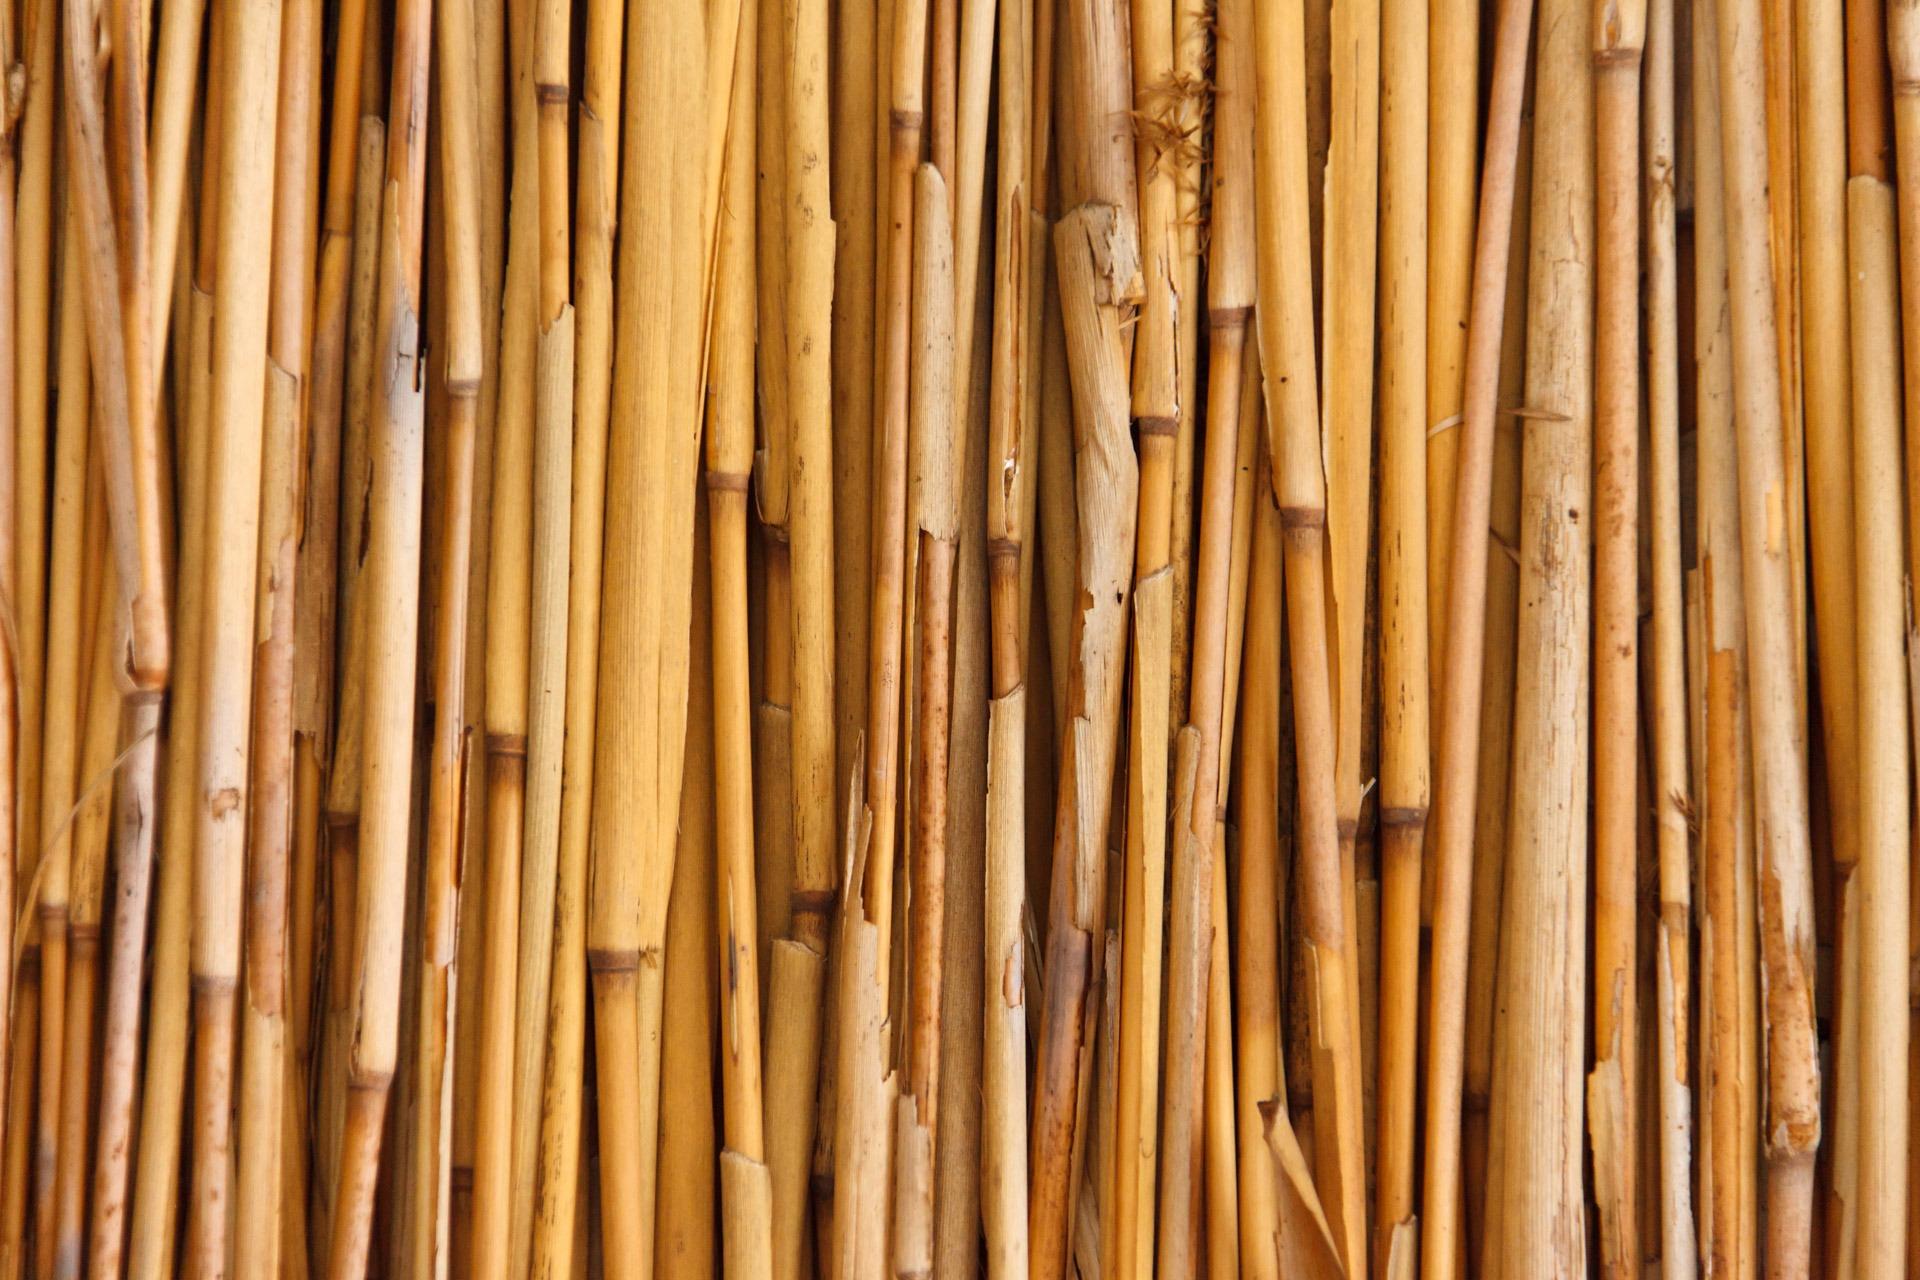 Kostenlose Foto Baum Abstrakt Zaun Holz Bundel Textur Stock